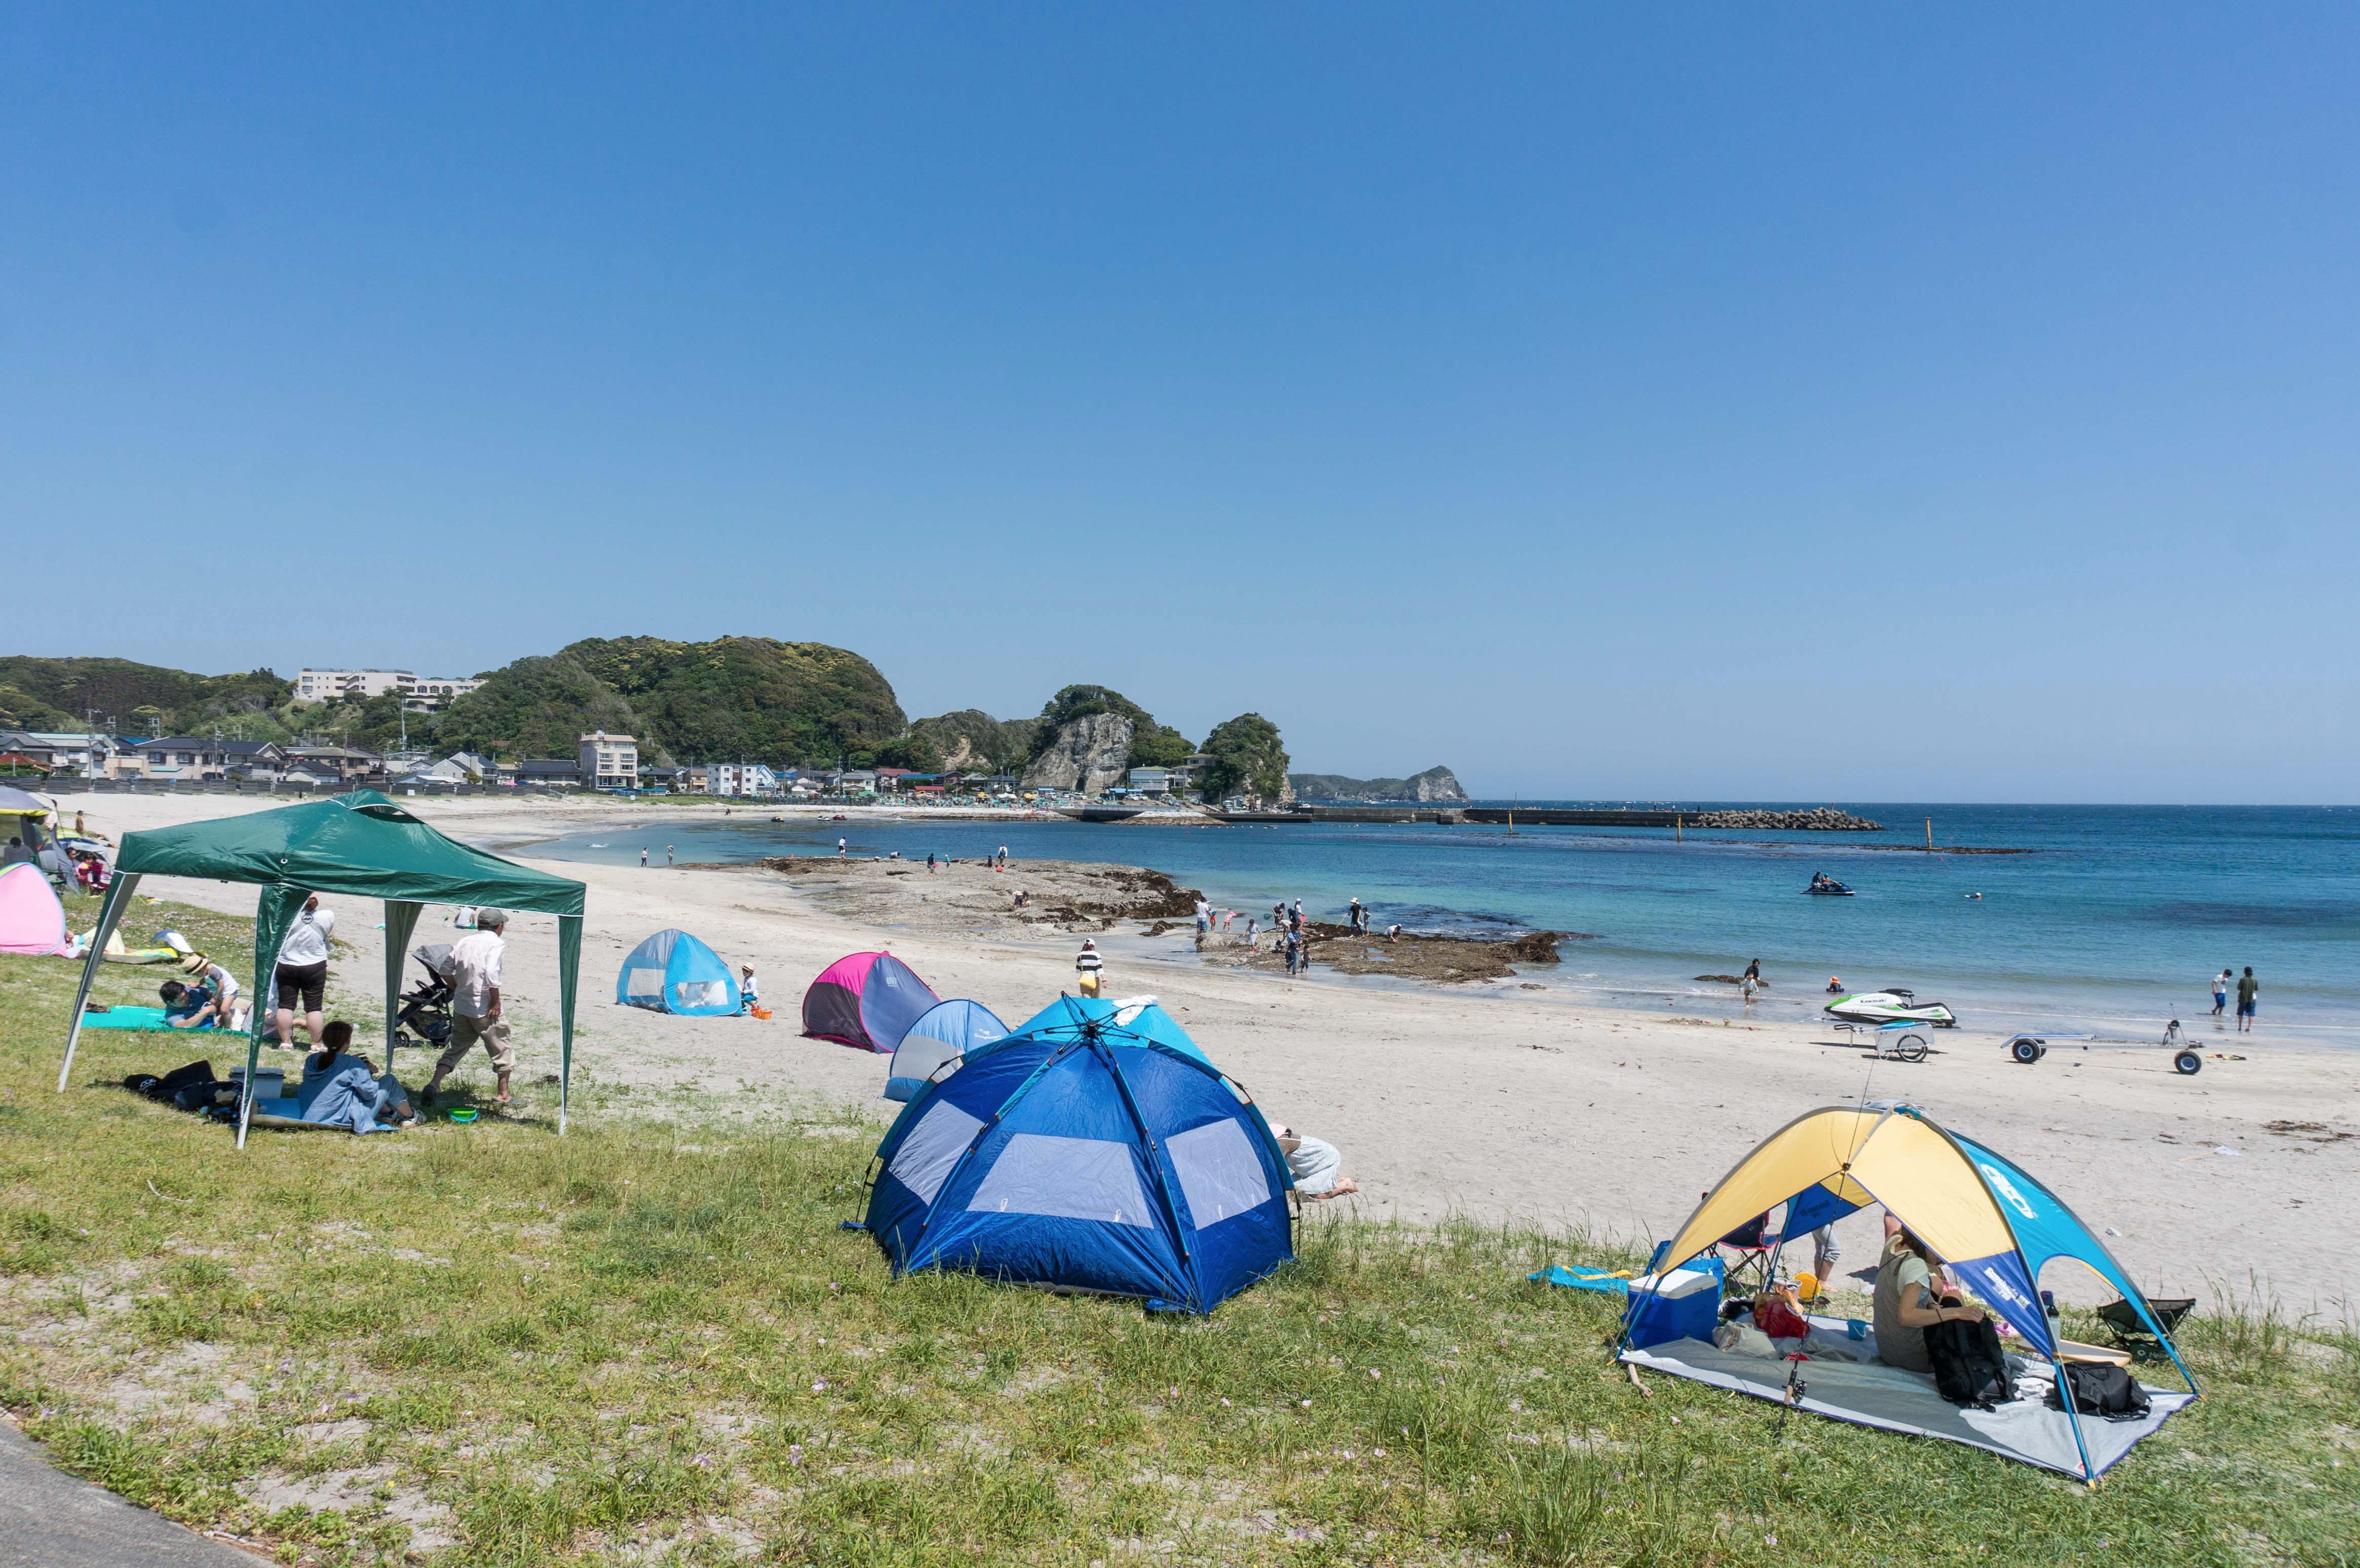 興津海水浴場と海水浴客